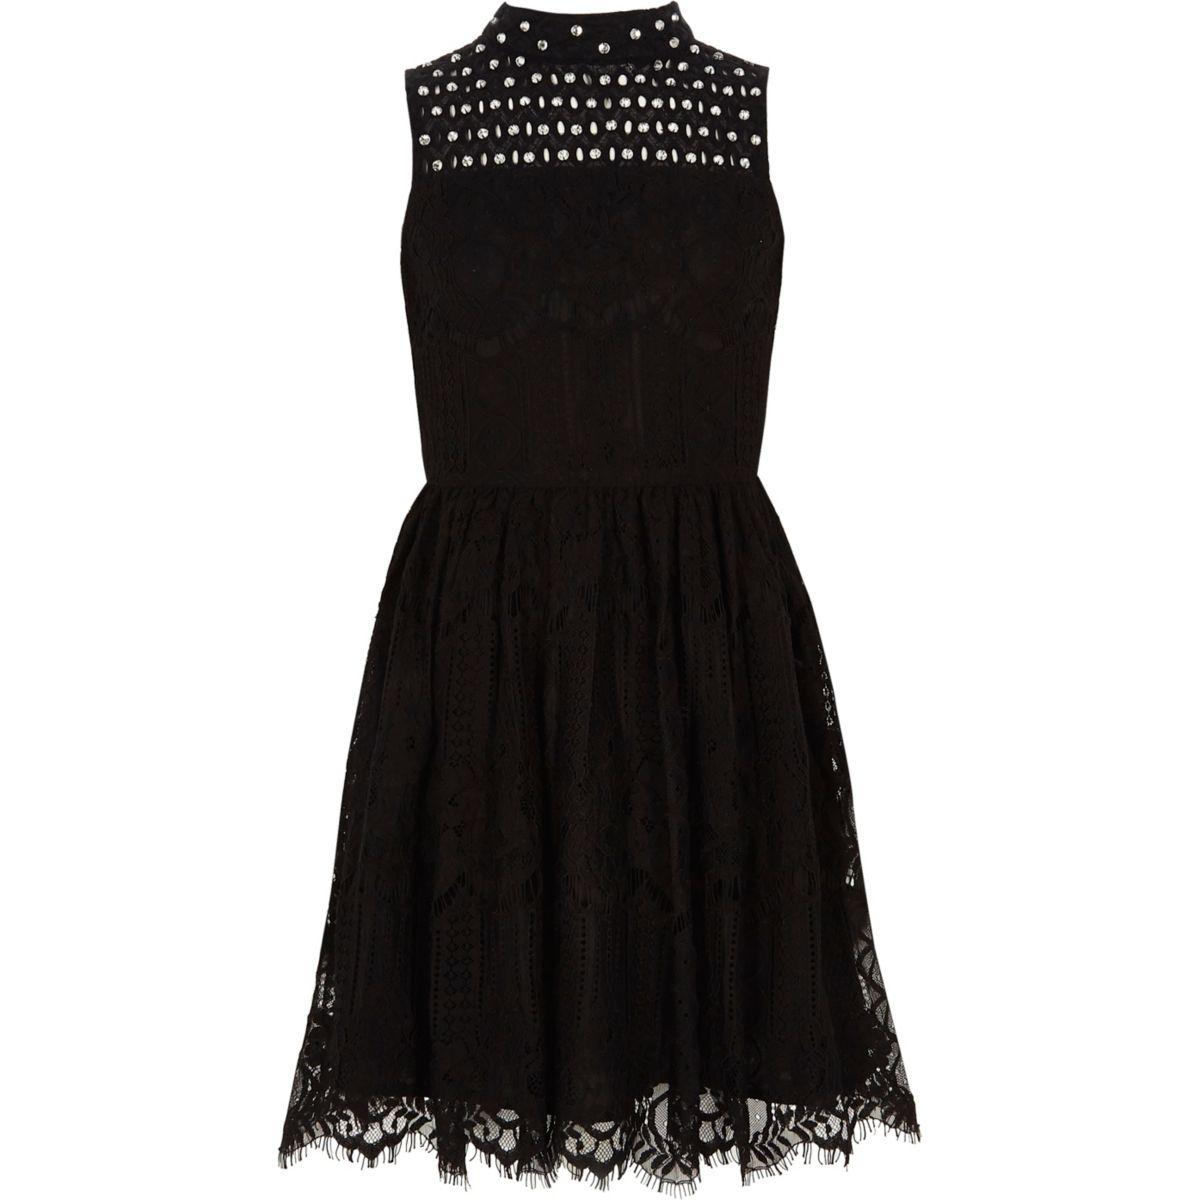 Robe de gala en dentelle noire avec encolure montante pour fille